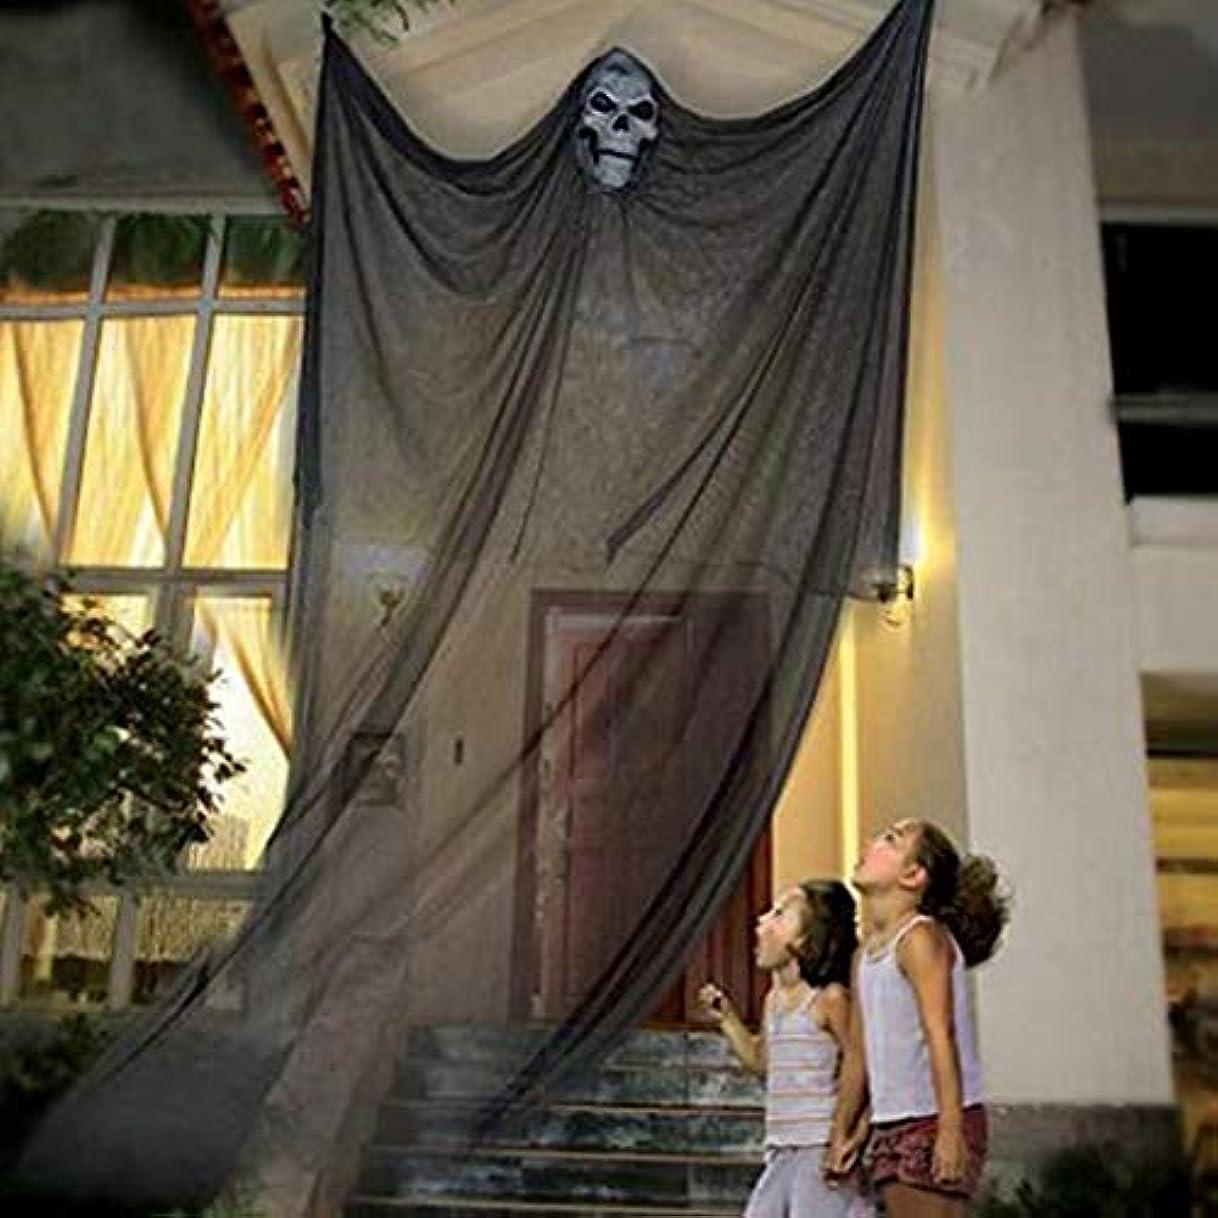 立法月今屋外党家のためのハロウィーンの装飾の掛かる幻影の怖いカーテン (Color : BLACK)